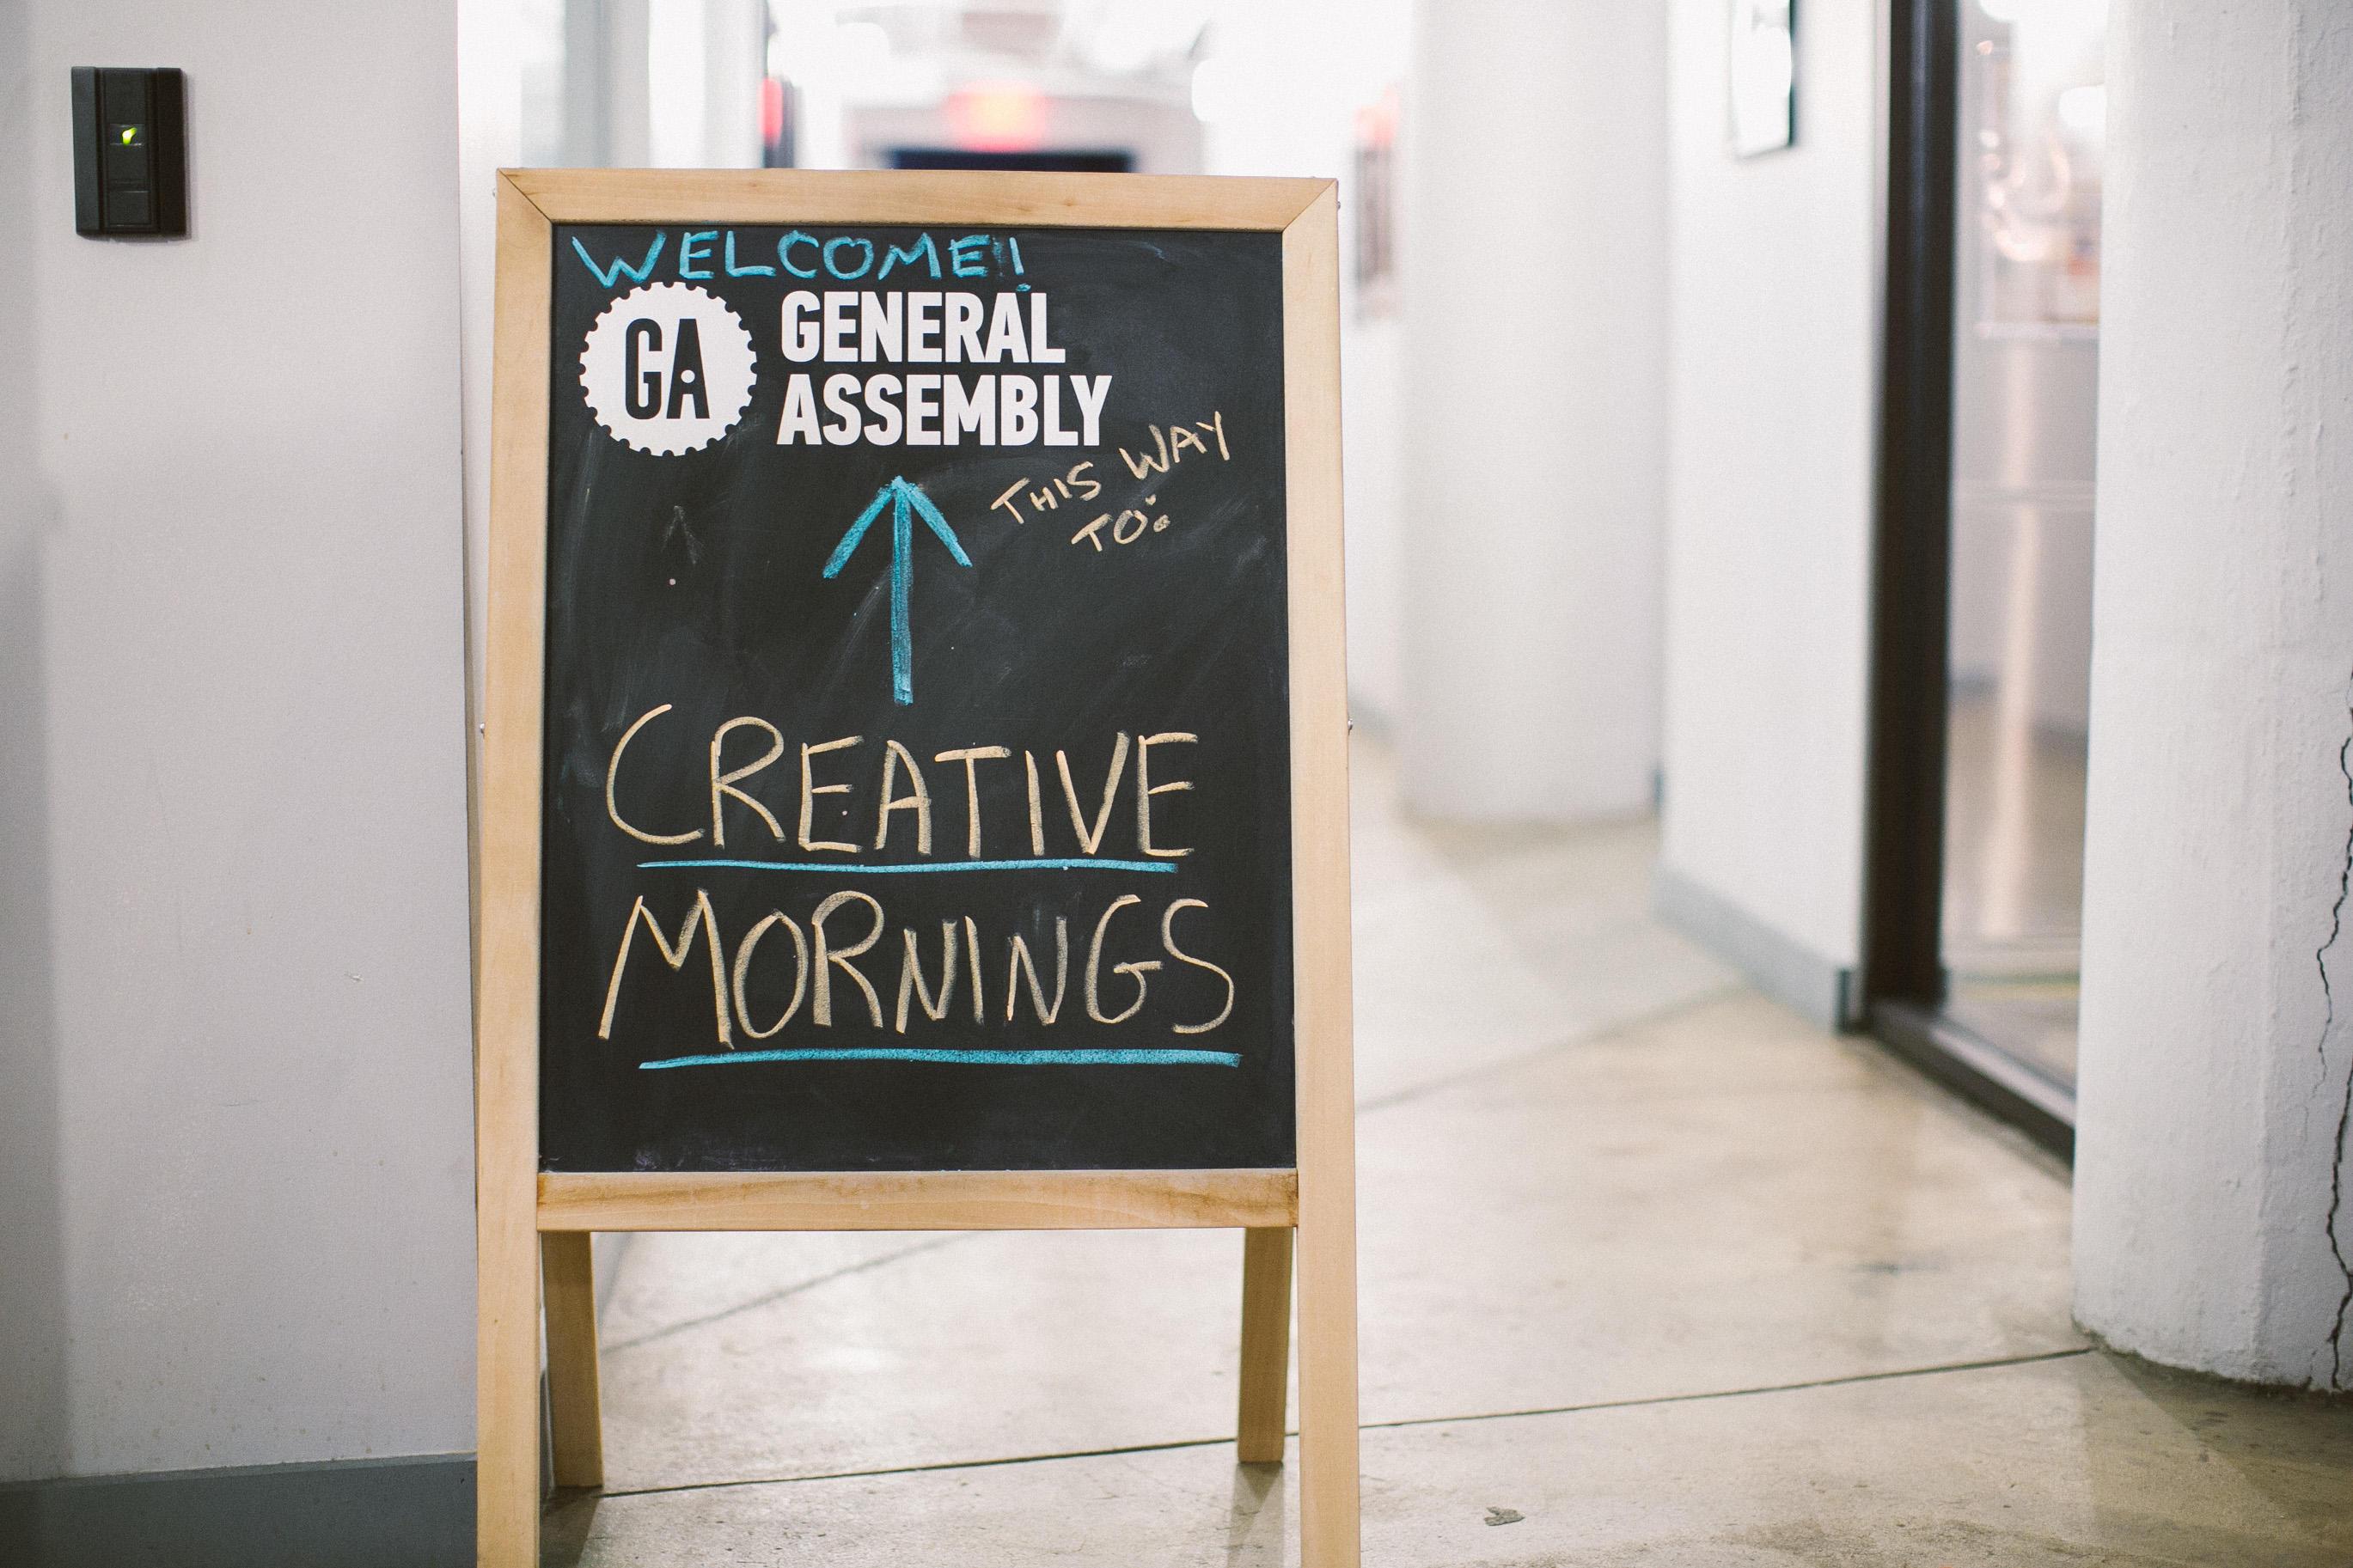 Trabajando de forma remota por las mañanas creativas